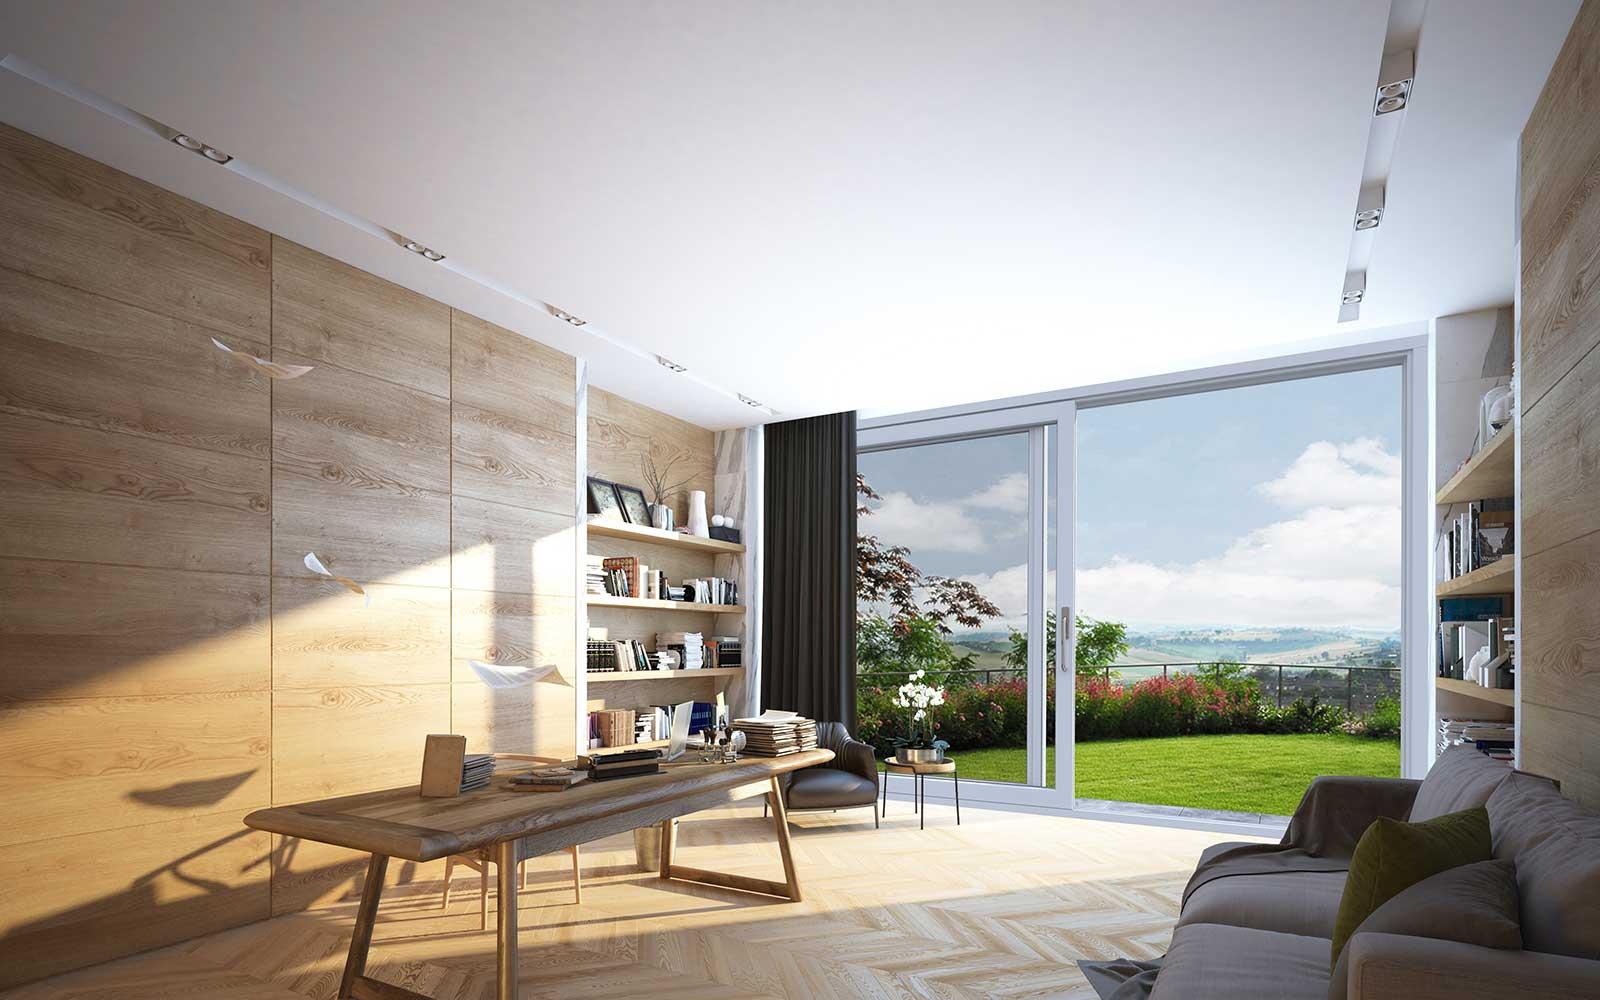 una sala con un tavolo una libreria e vista dell'esterno